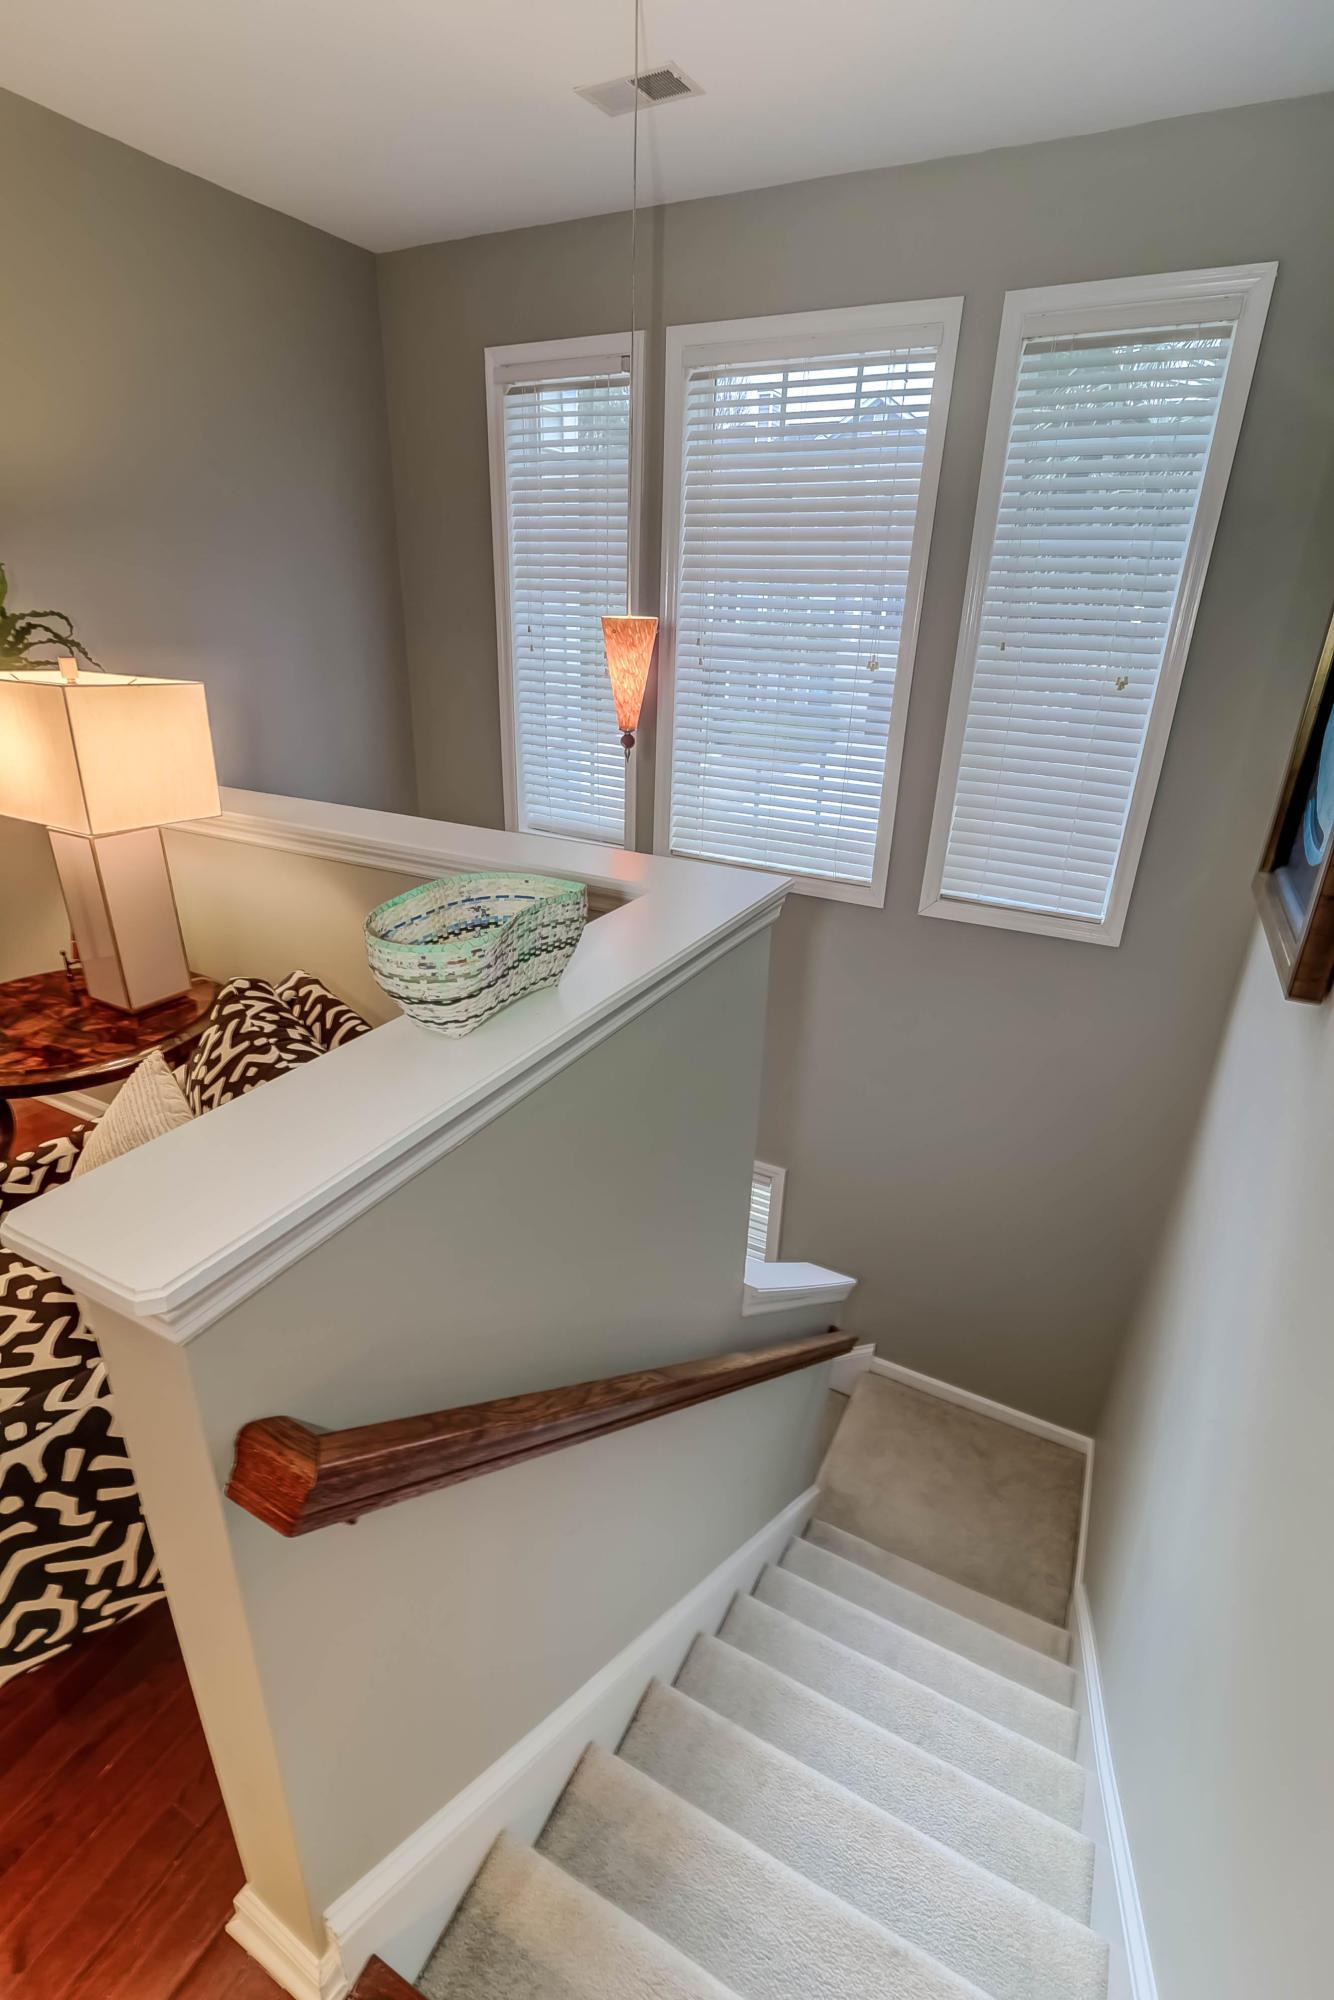 Hamlin Park Homes For Sale - 2863 Woodland Park, Mount Pleasant, SC - 6